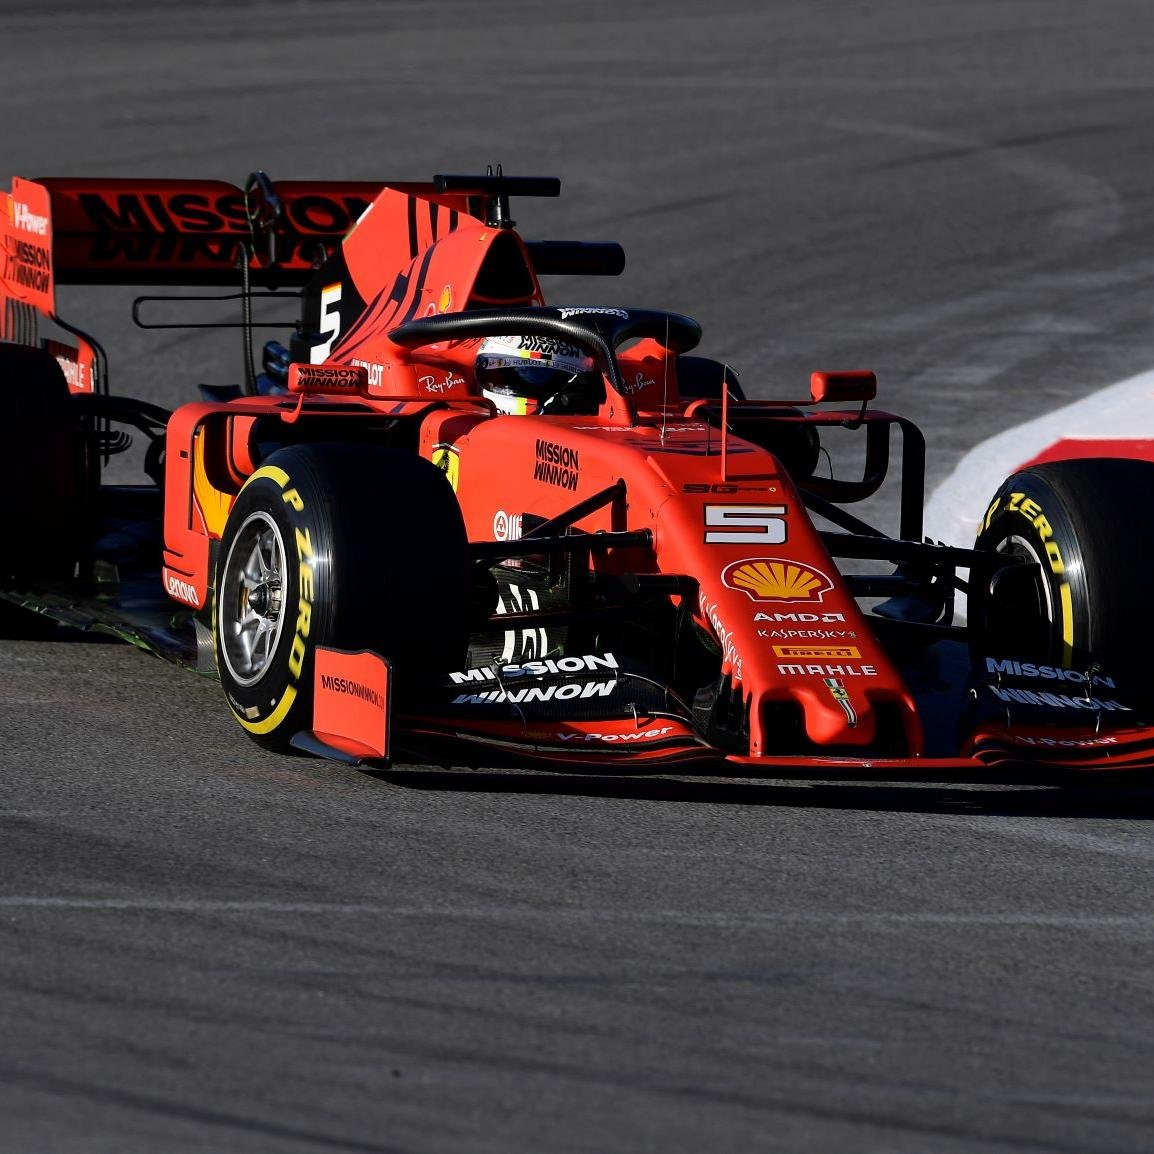 Vettel cravou melhor tempo e completou 169 voltas em Barcelona